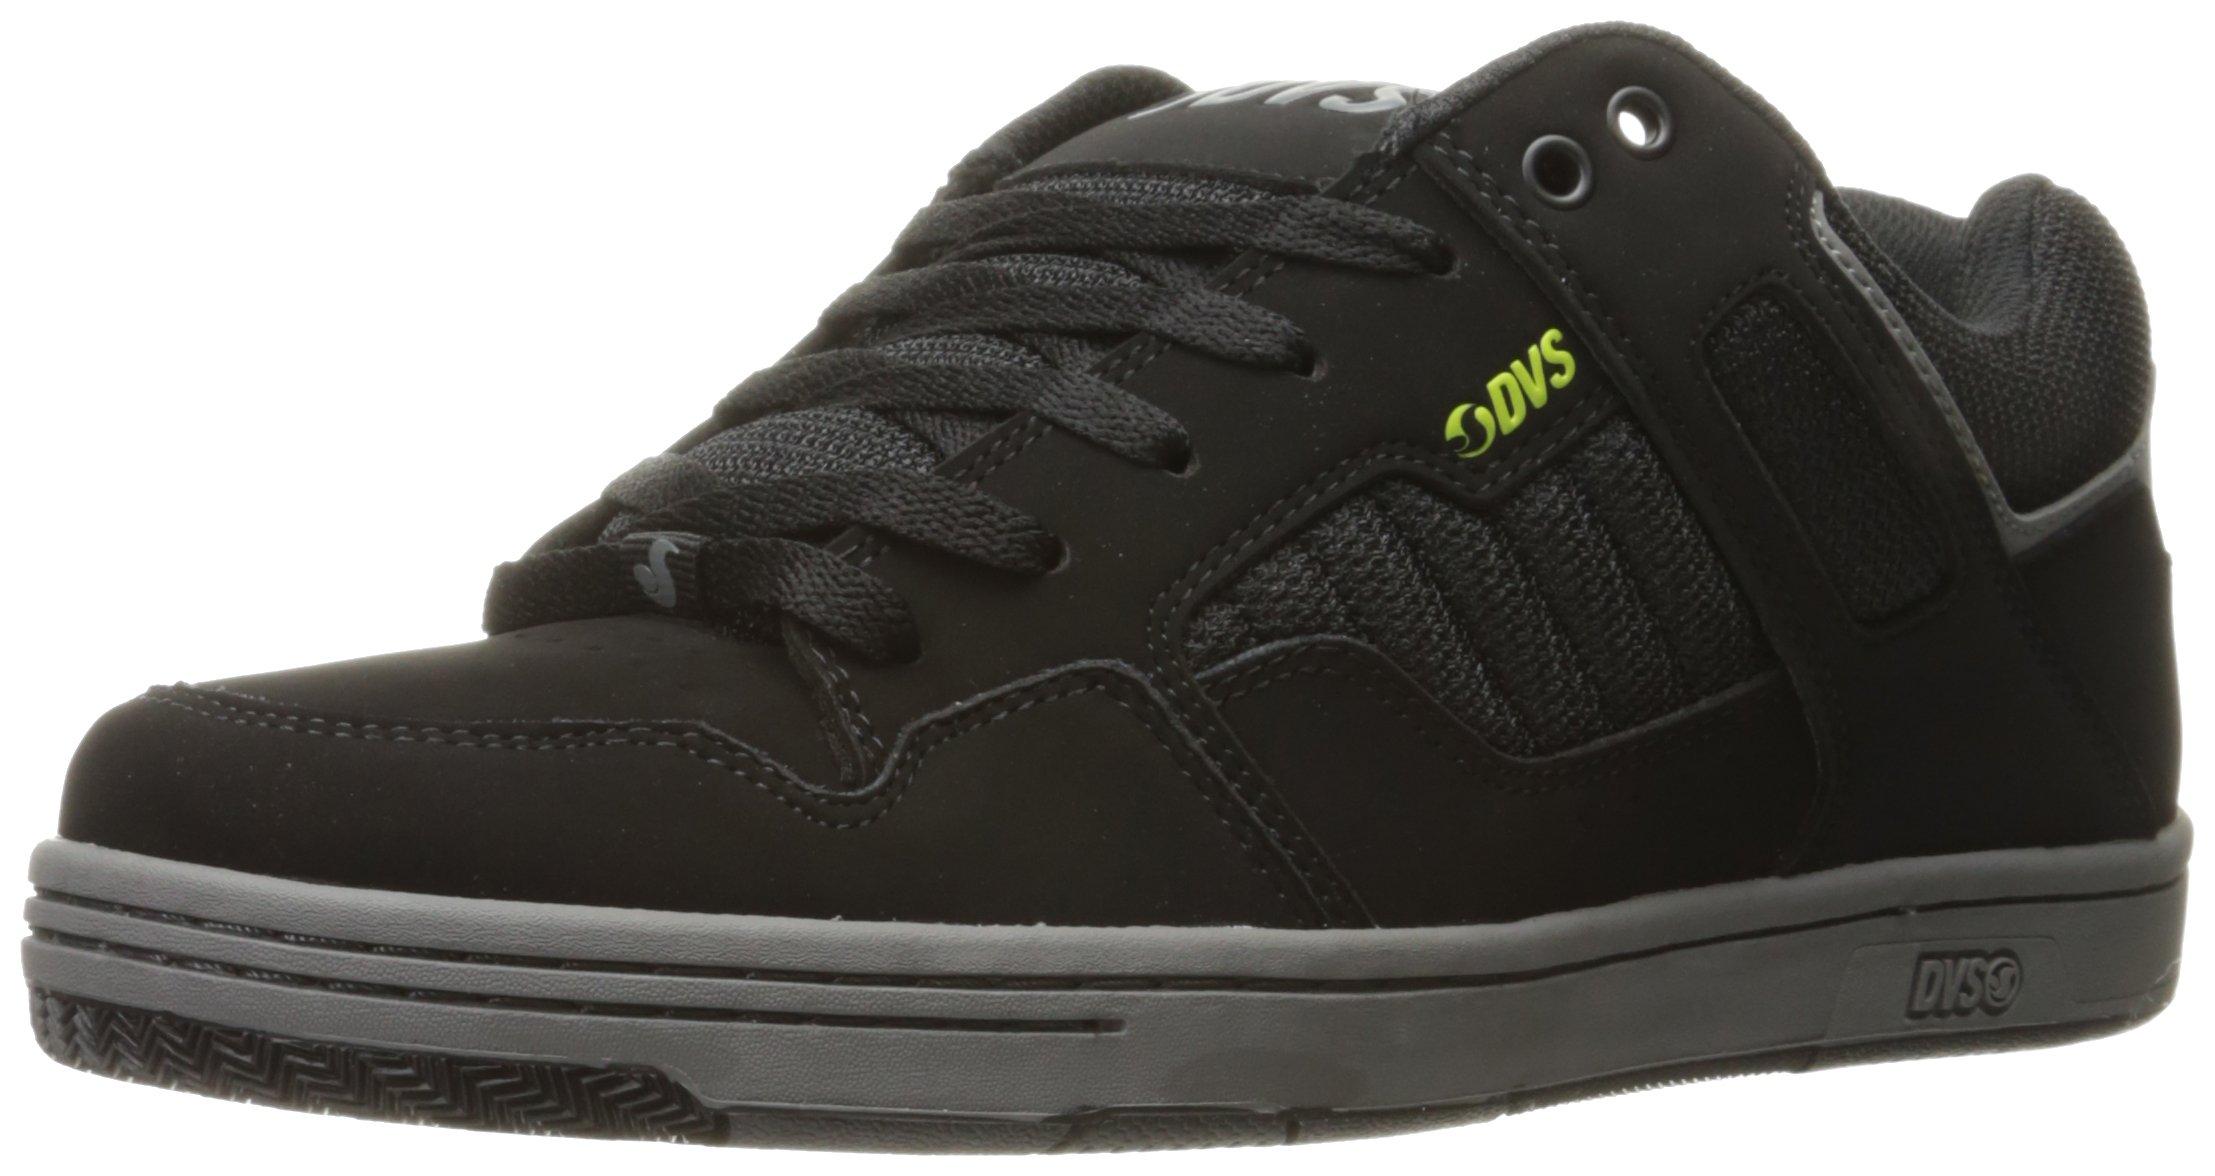 DVS Men's Enduro 125 Skateboarding Shoe, Black Lime Leather Nubuck, 12 M US